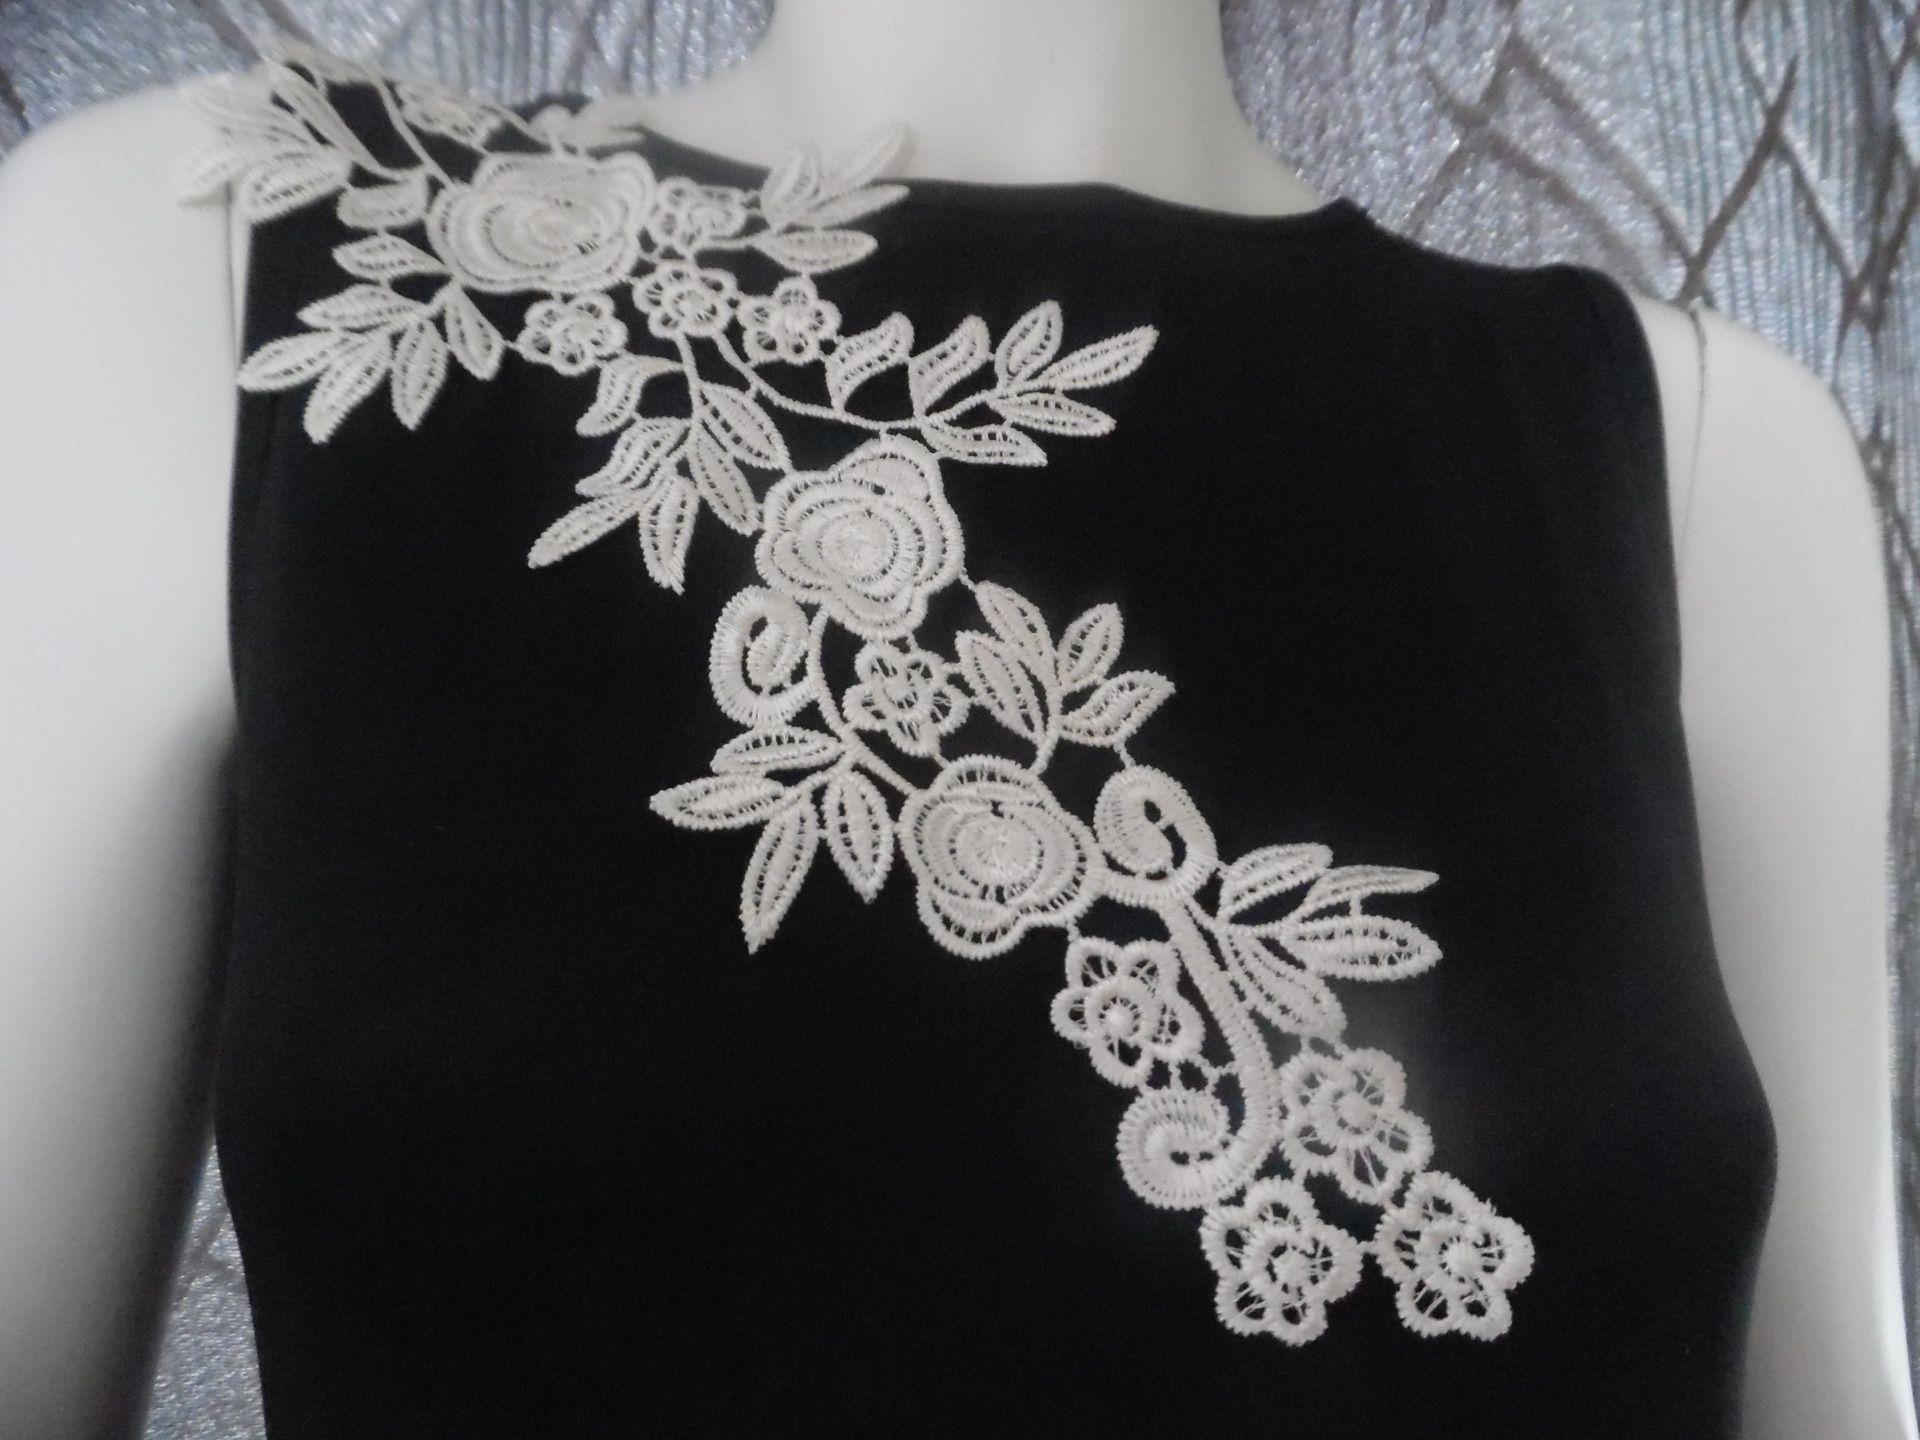 Melody Jane Maison de Poup/ées Gabarit /Épingl/é/à Tissu Fabrication de Robes Couture Pi/èce Accessoire